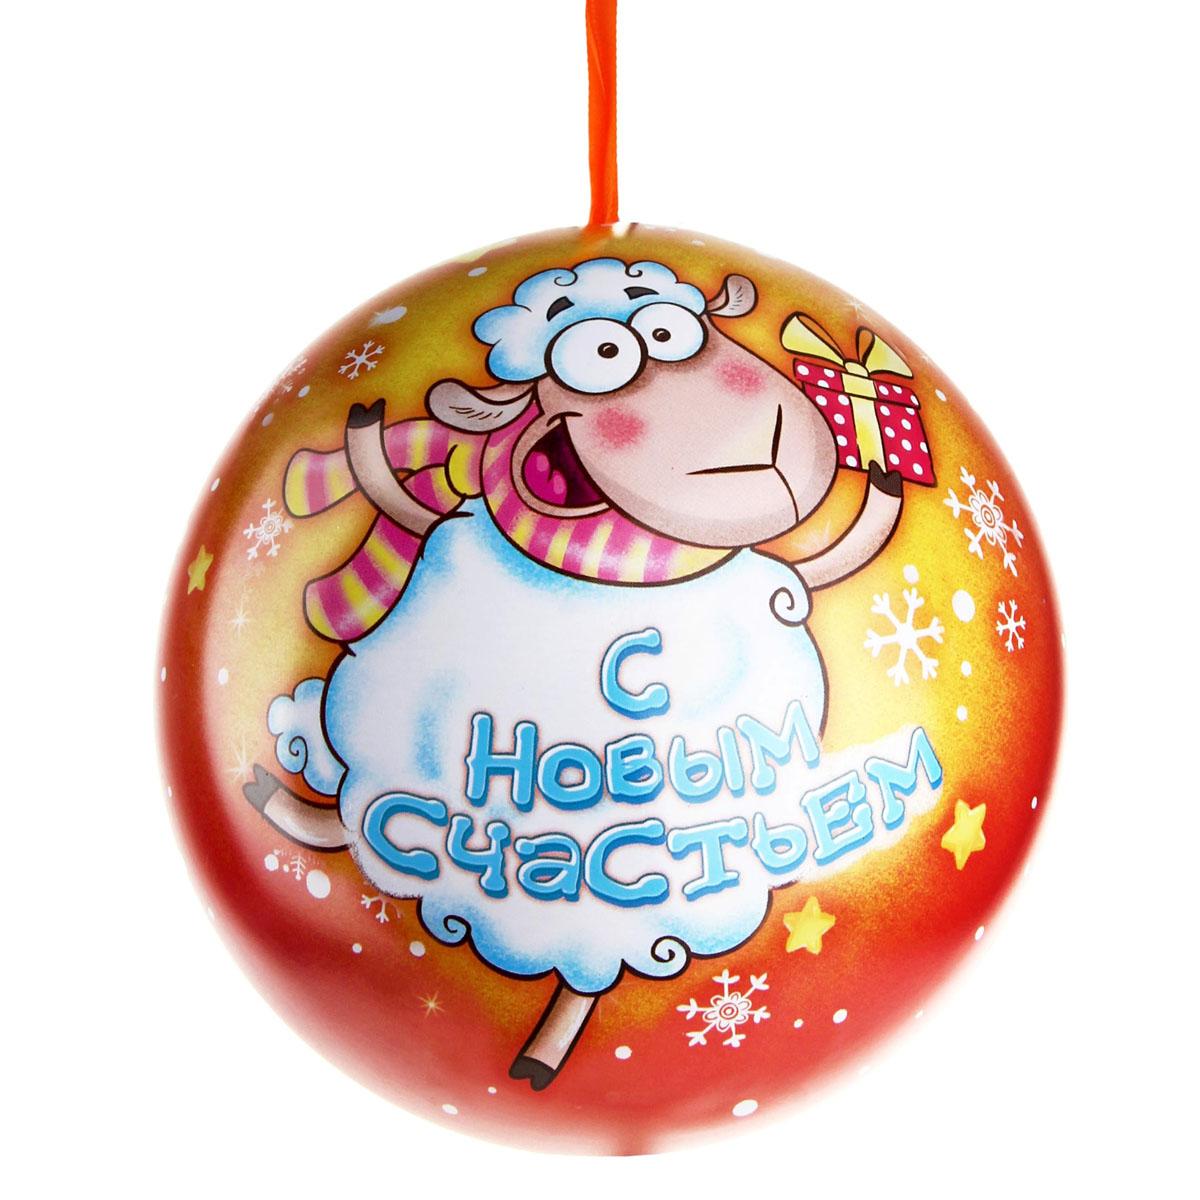 Коробка подарочная Sima-land Шар. С Новым годом, диаметр 12 см499539Подарочная коробка Sima-land С Новым годом выполнена из высококачественного металла в форме шара и предназначена для праздничной упаковки новогодних подарков. Коробка декорирована новогодним рисунком. Подарочная коробка снабжена текстильной петелькой. Подарок, преподнесенный в оригинальной упаковке, всегда будет самым эффектным и запоминающимся. Окружите близких людей вниманием и заботой, вручив презент в нарядном, праздничном оформлении.